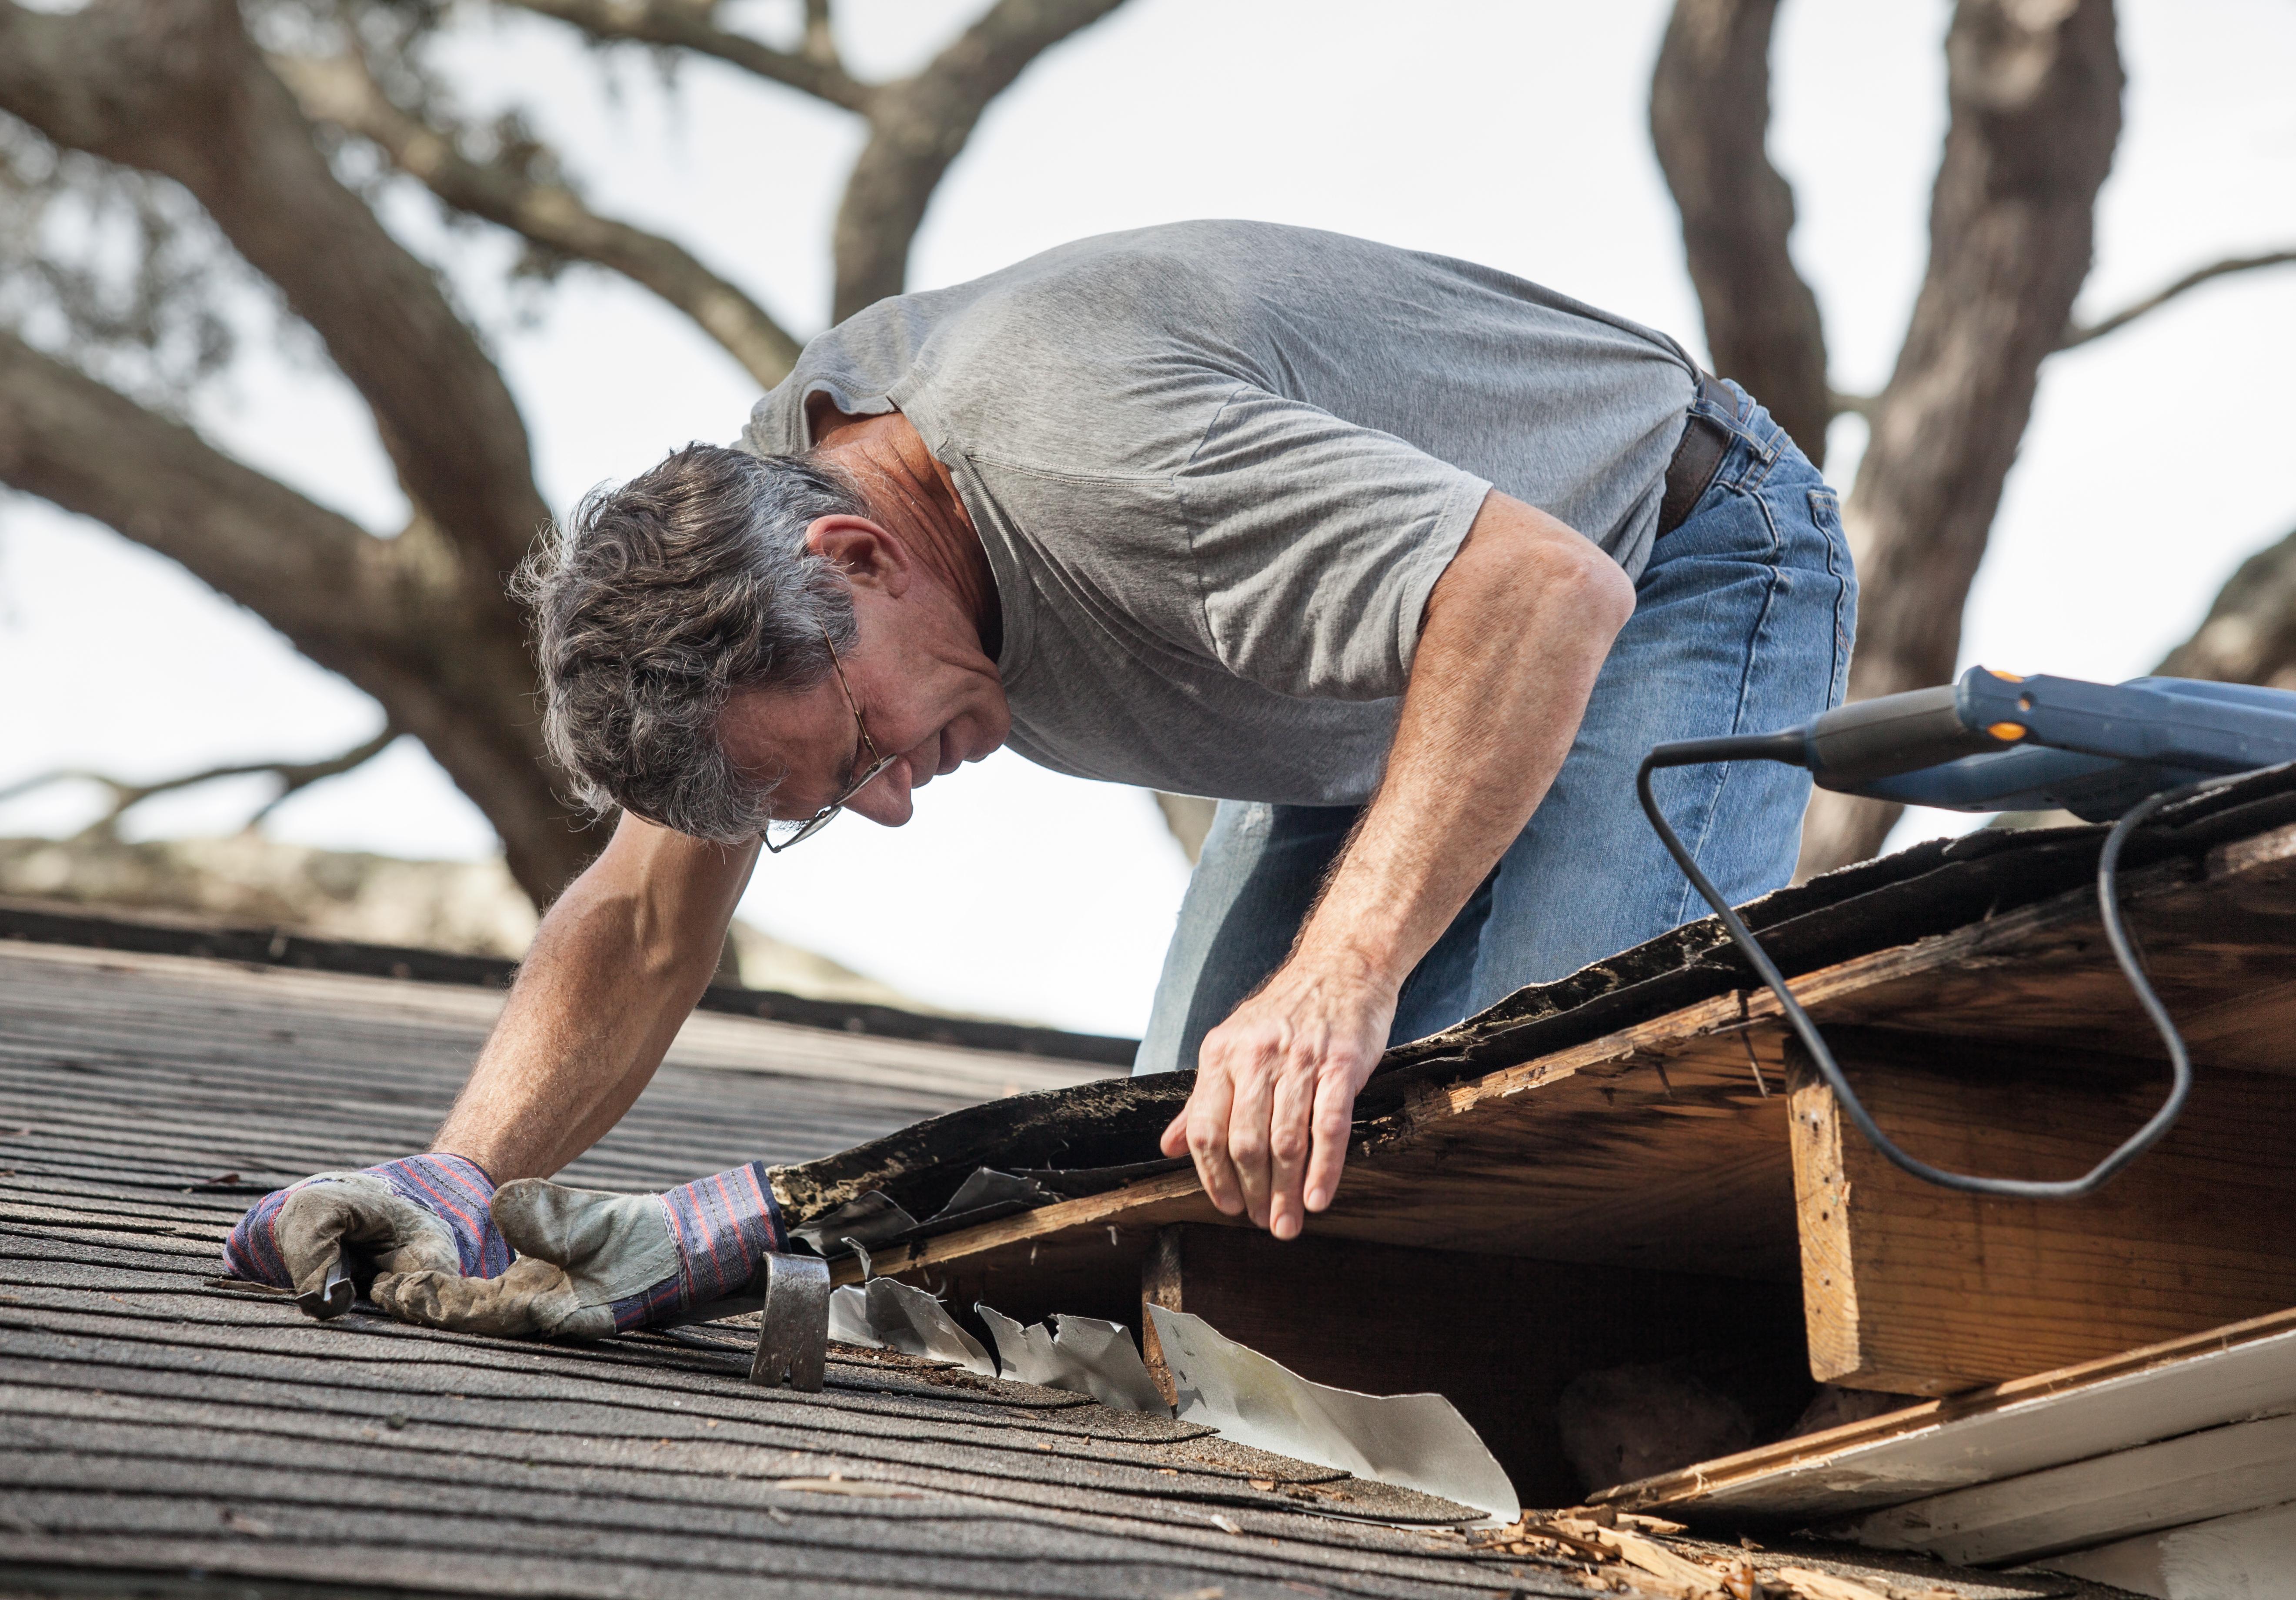 Inman Roof Repair